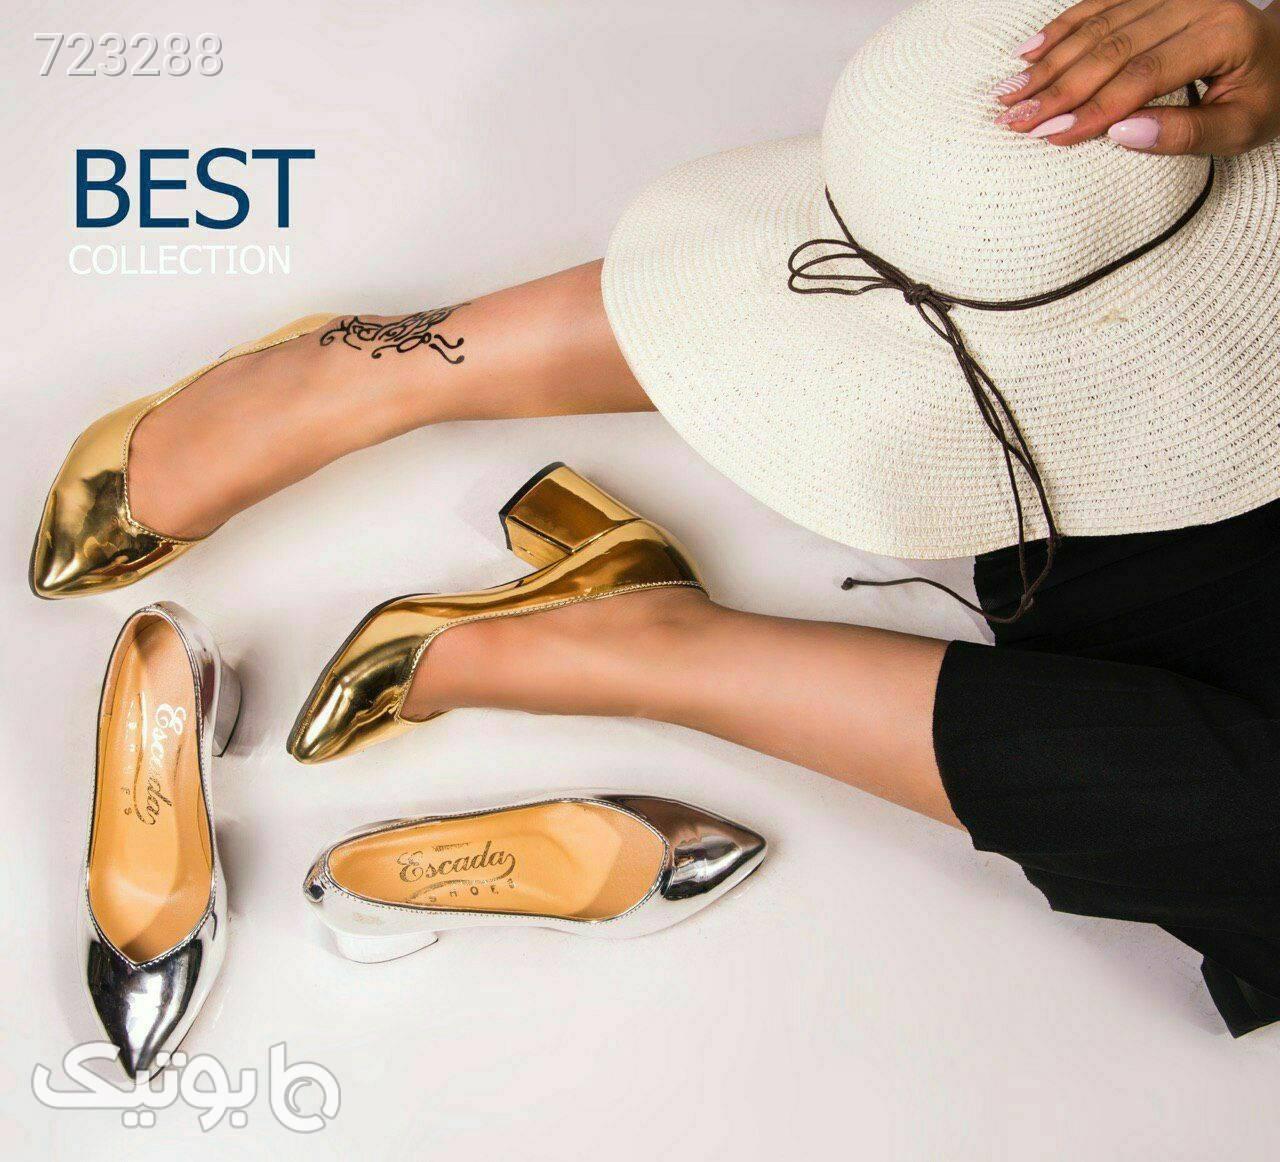 ست کیف و کفش  زرد ست کیف و کفش زنانه